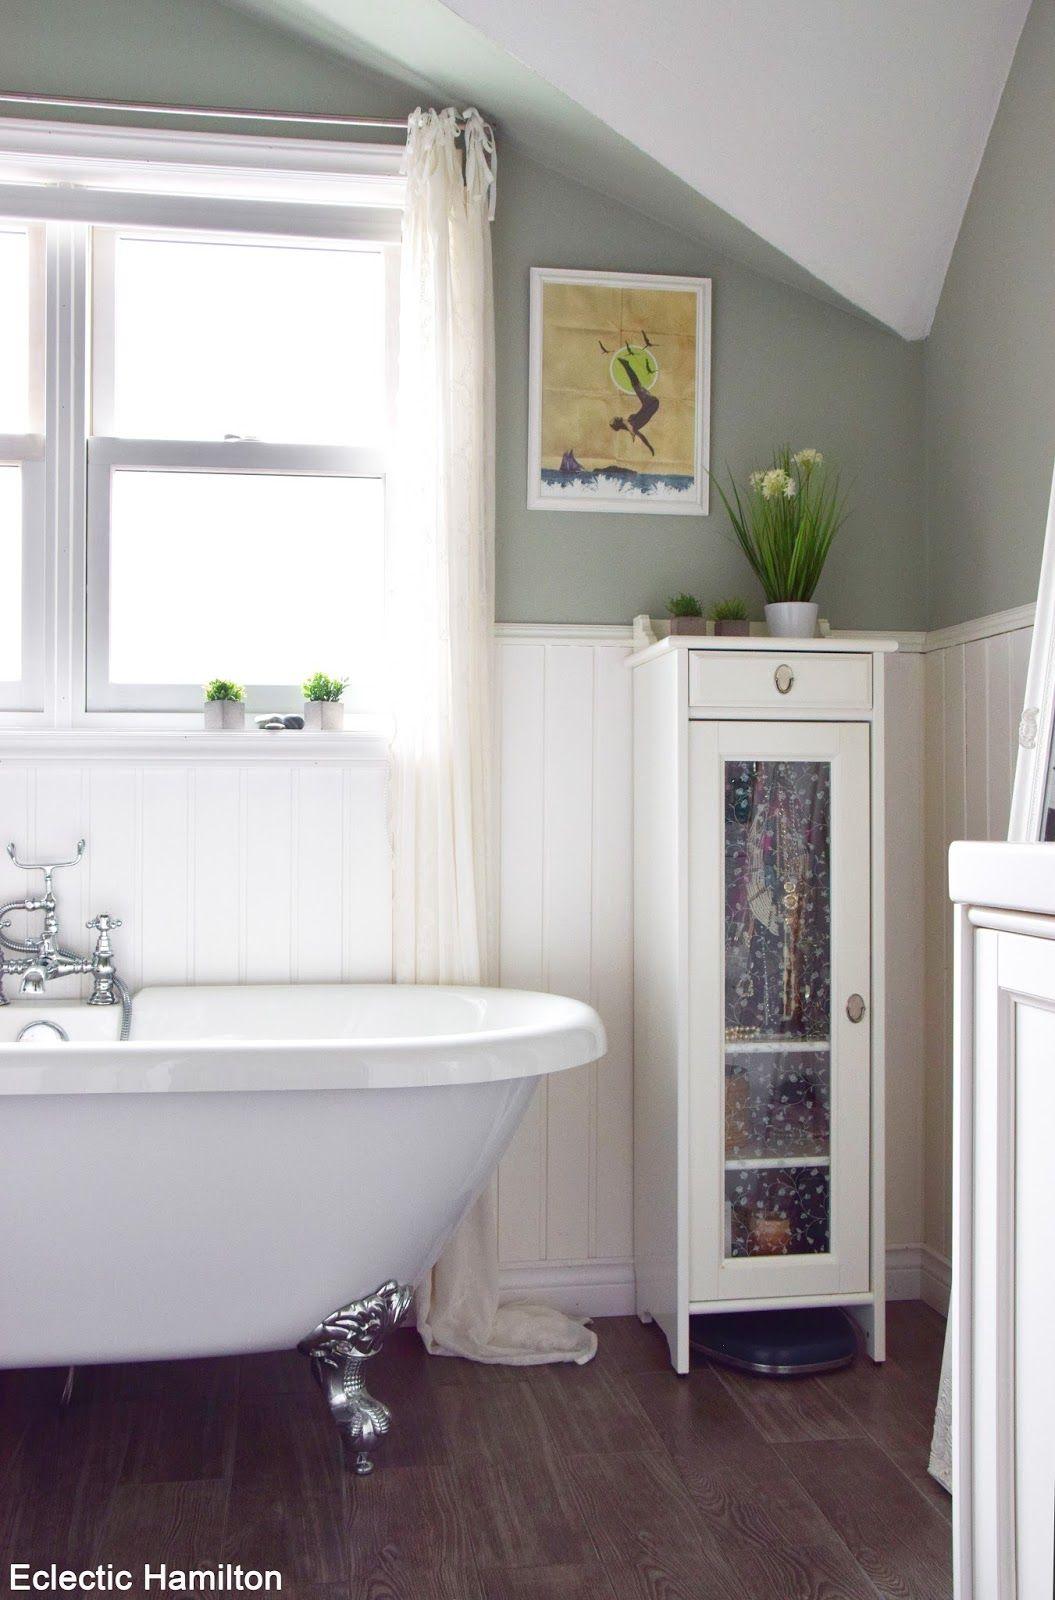 Pflanzen Fur Mein Badezimmer Und Einblicke Endlich Mal Wieder Mrs Greenery Traumhafte Badezimmer Badezimmer Zimmer